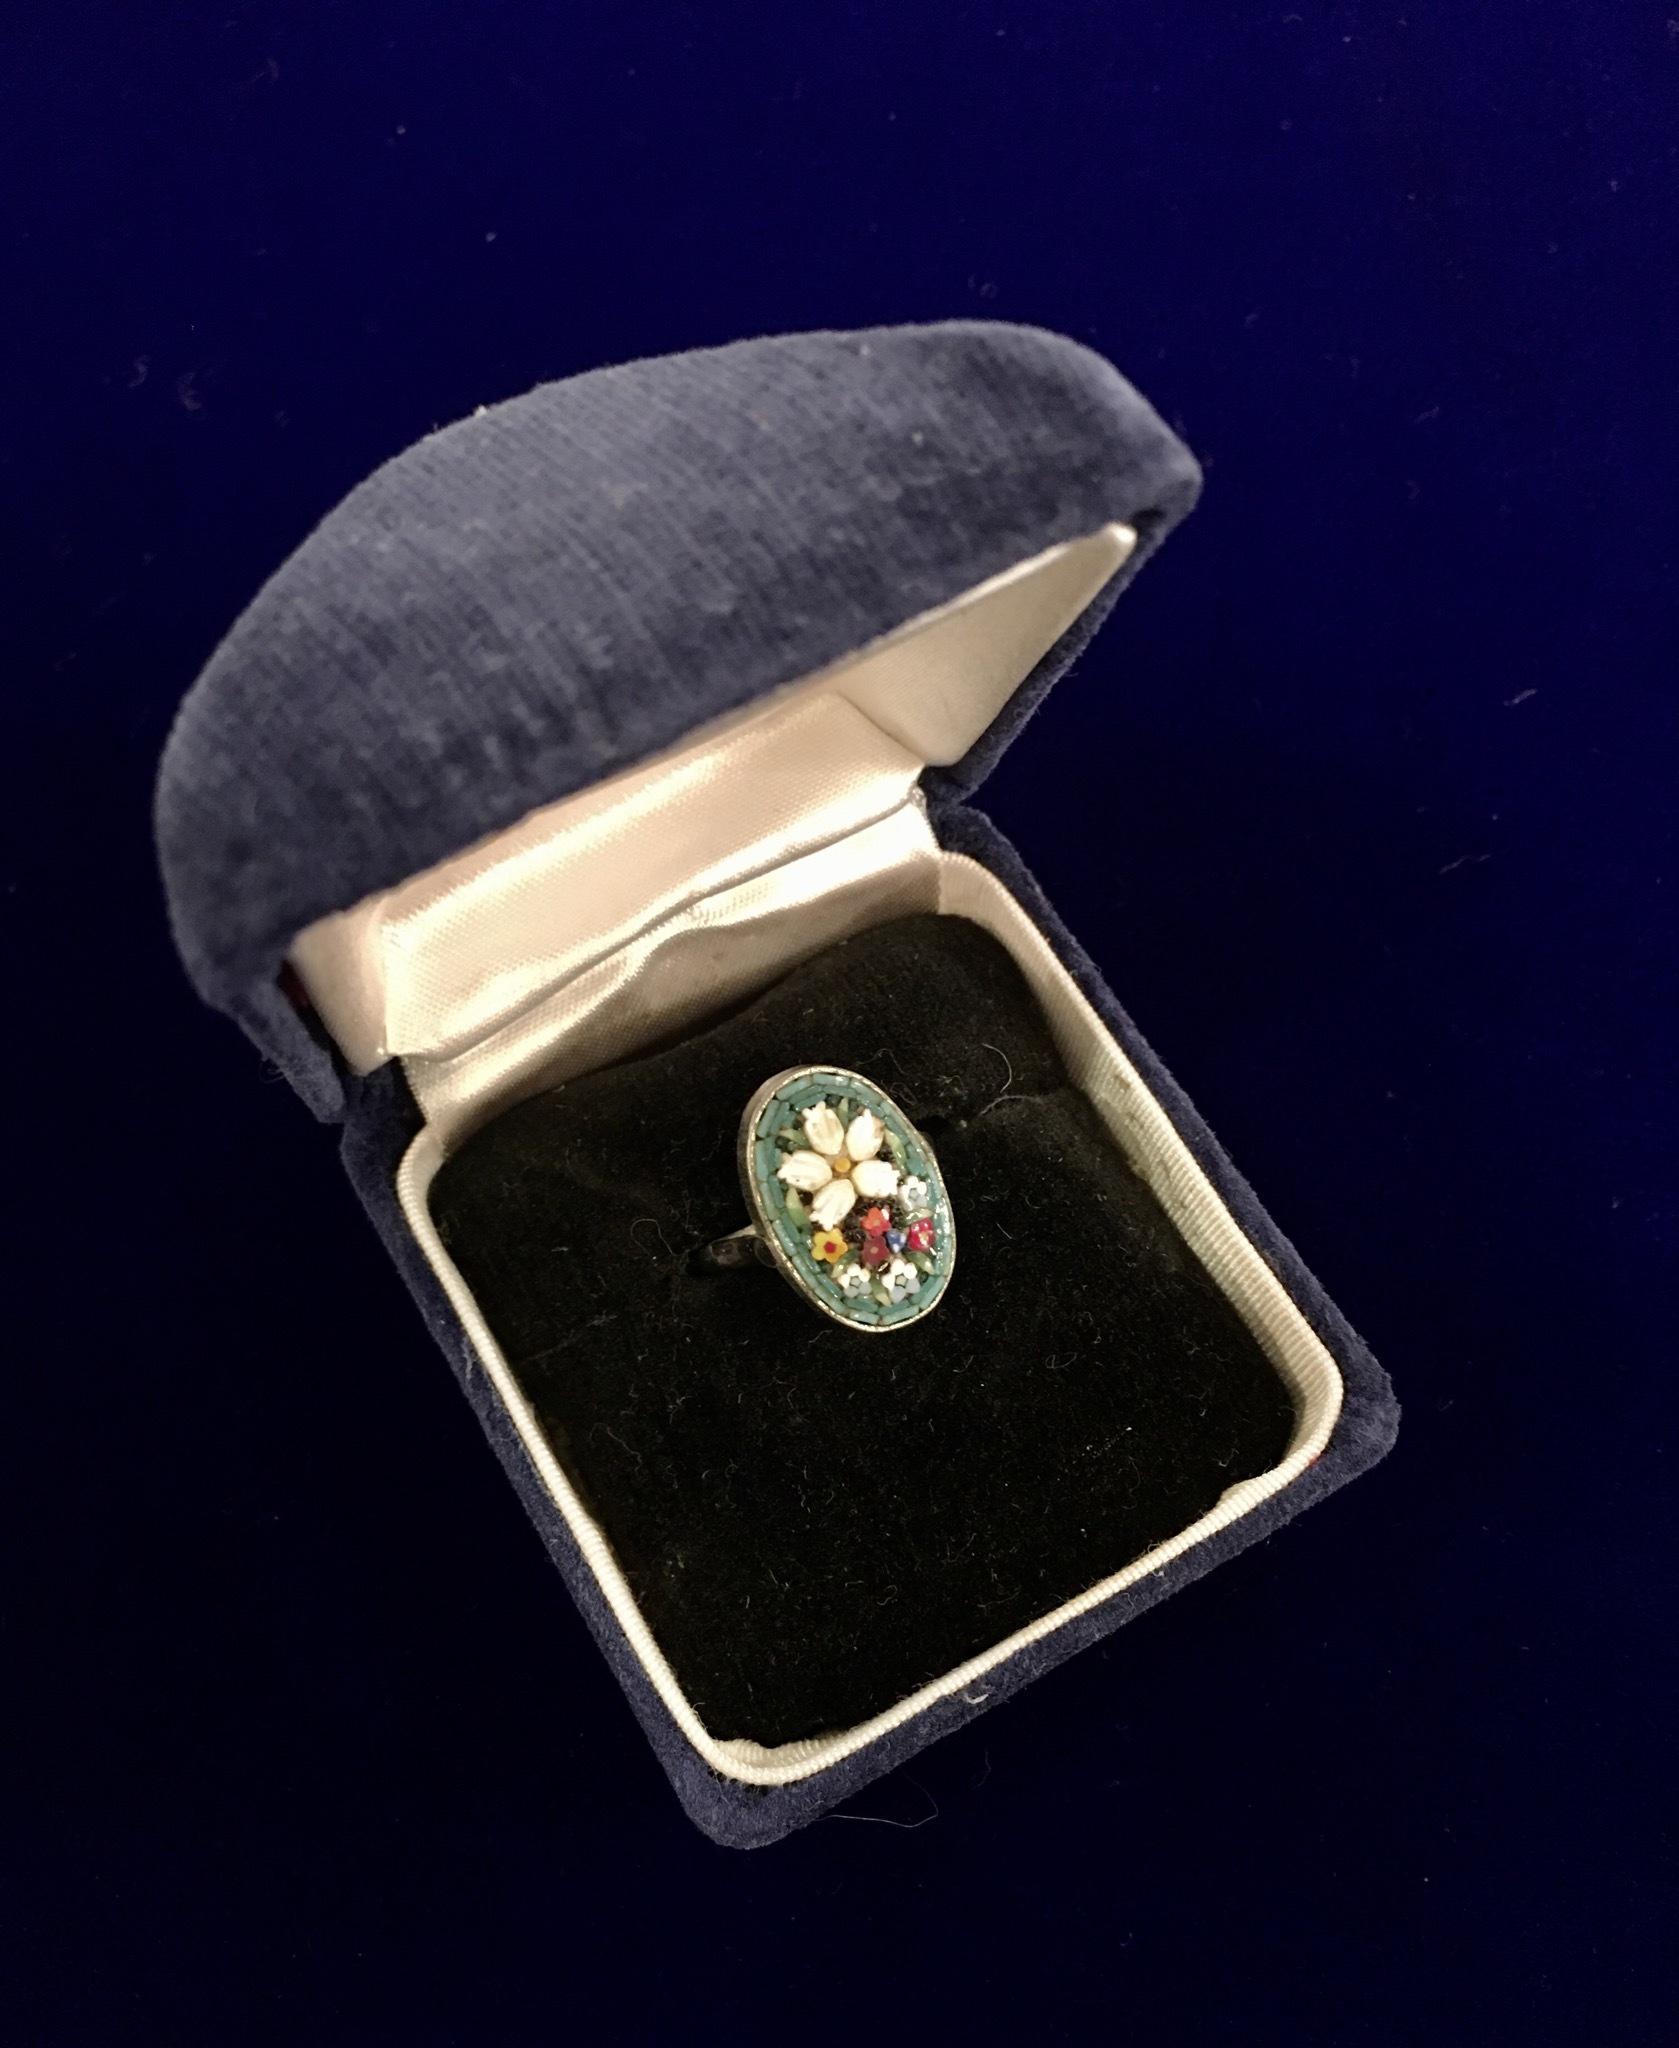 ローマンモザイクの指輪_f0196455_16081164.jpeg